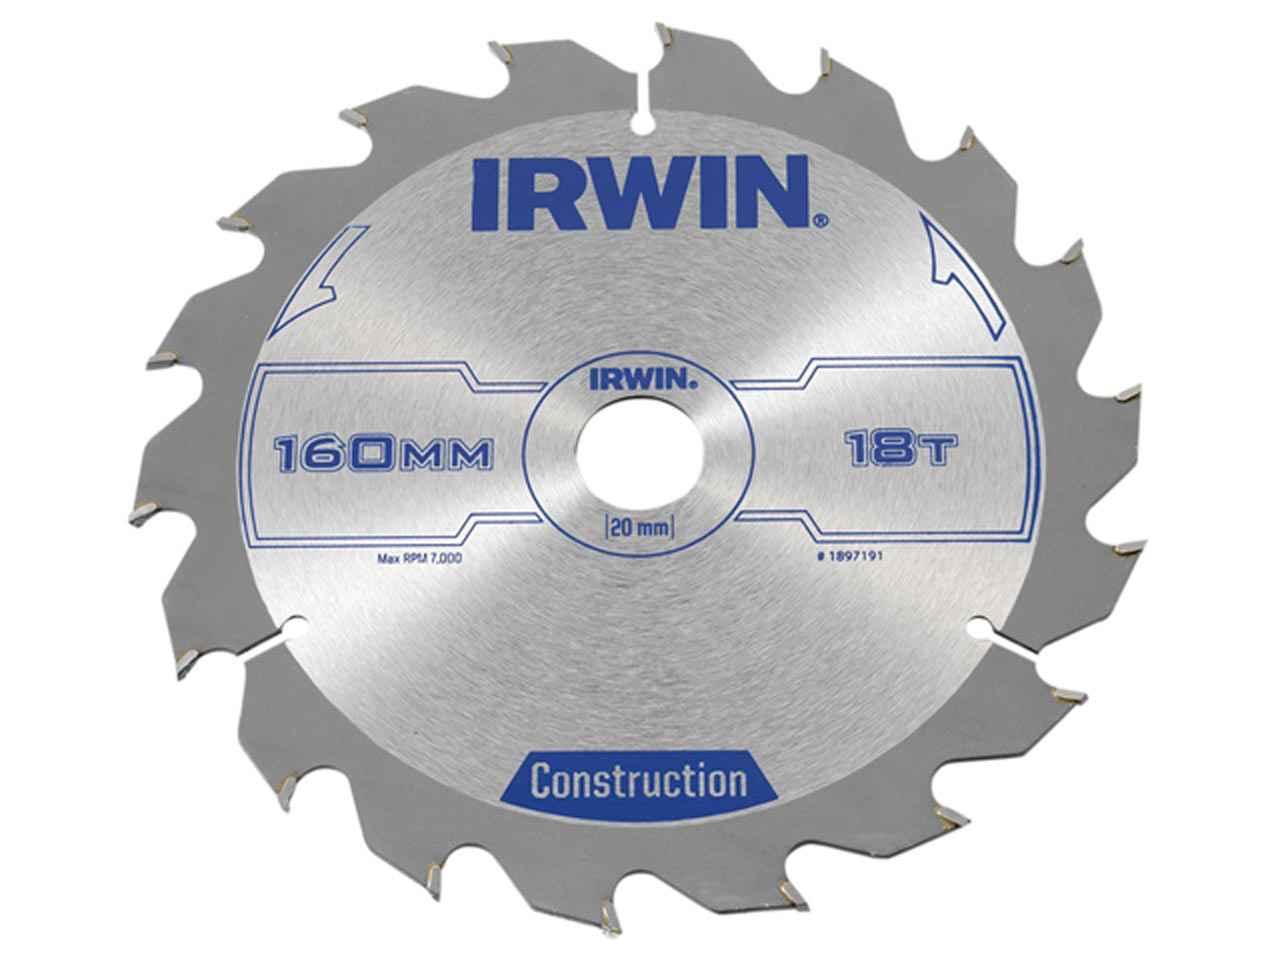 IRW1897191.JPG